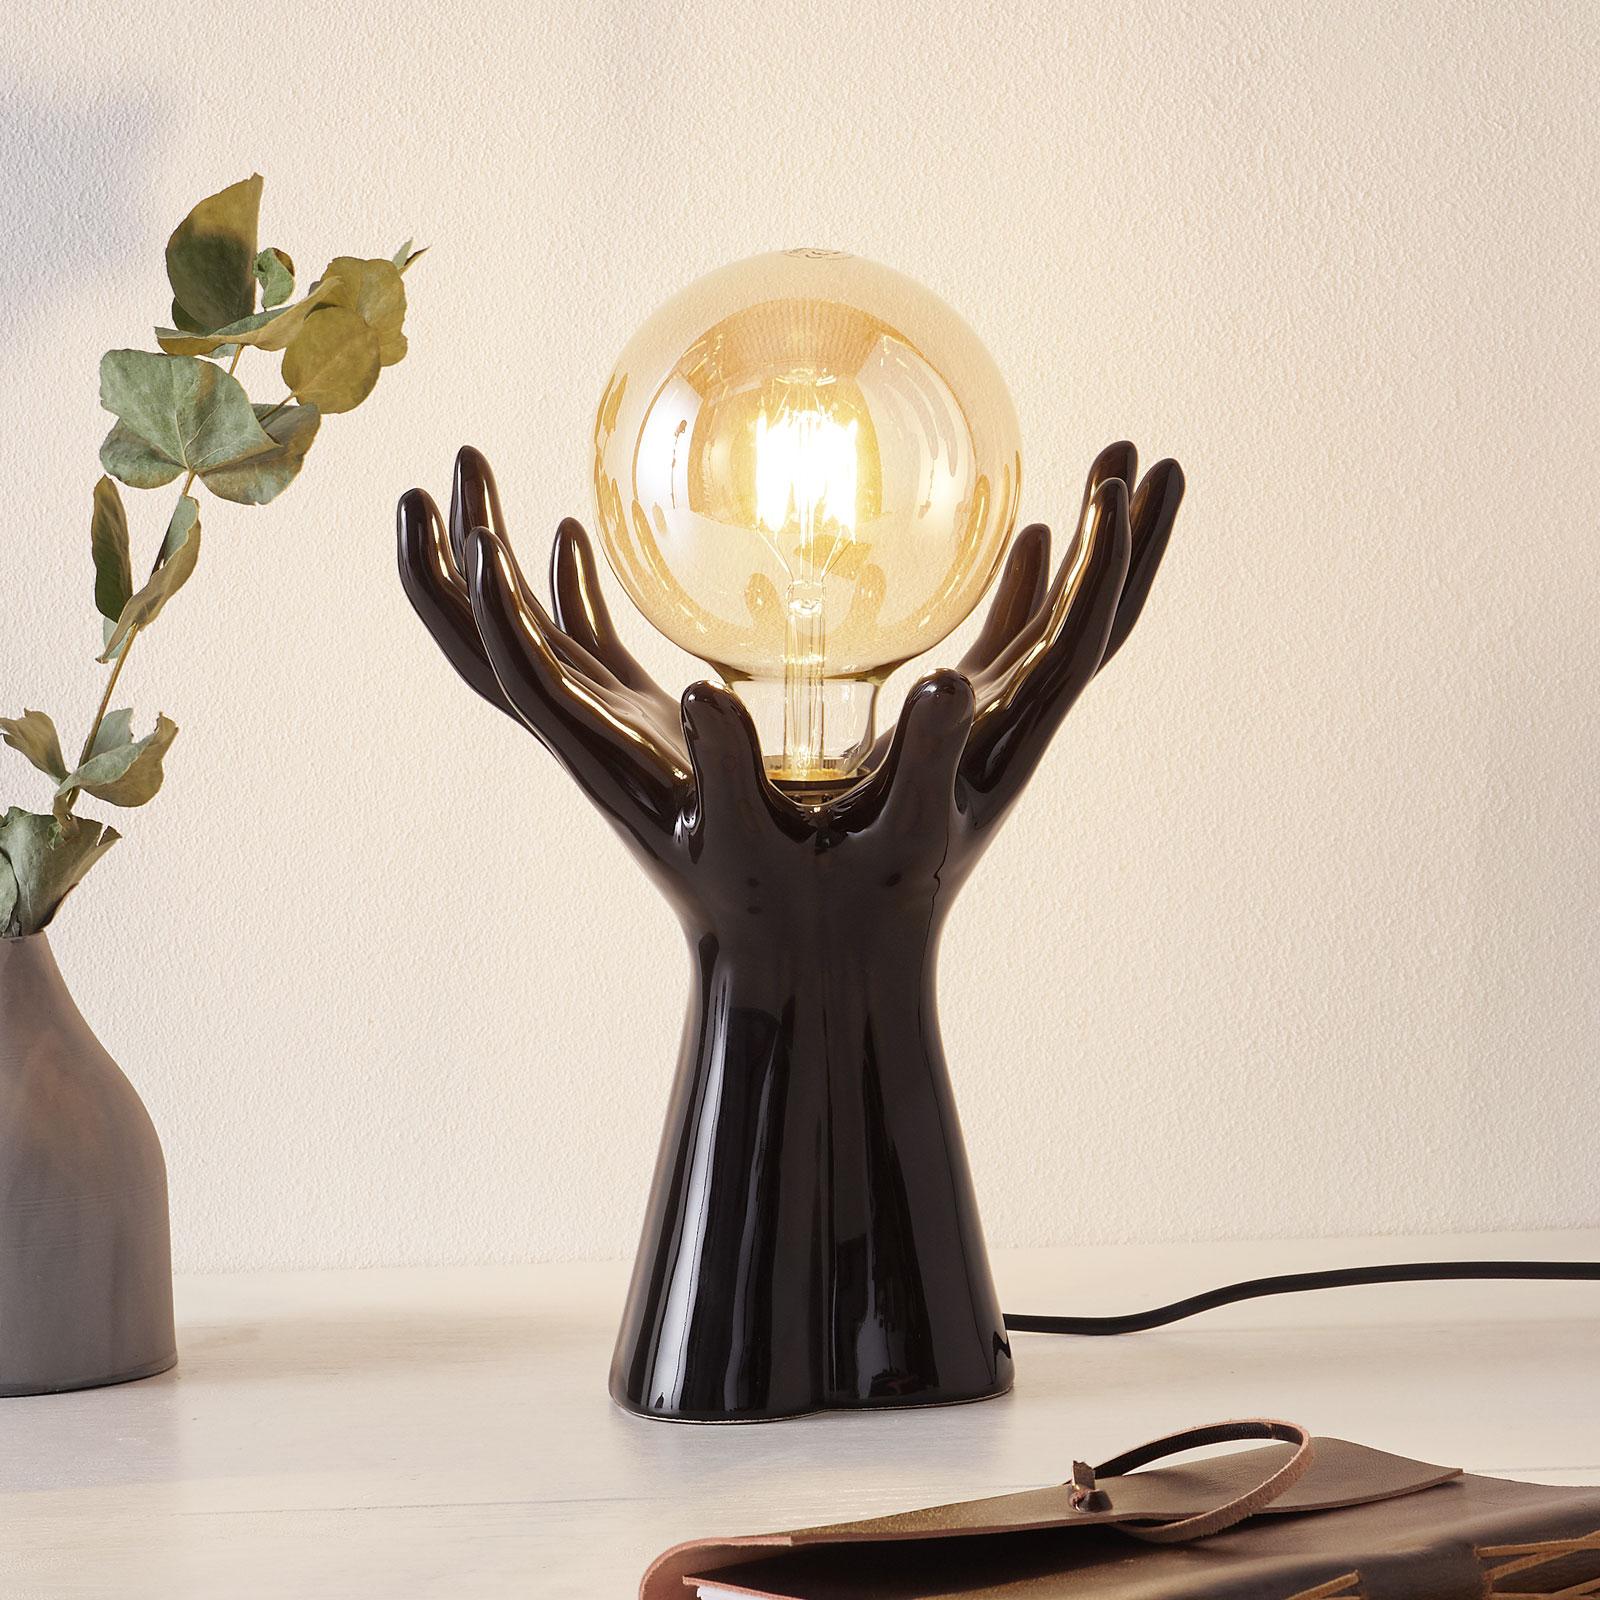 Keramik-Tischleuchte L183 NR, schwarz glänzend